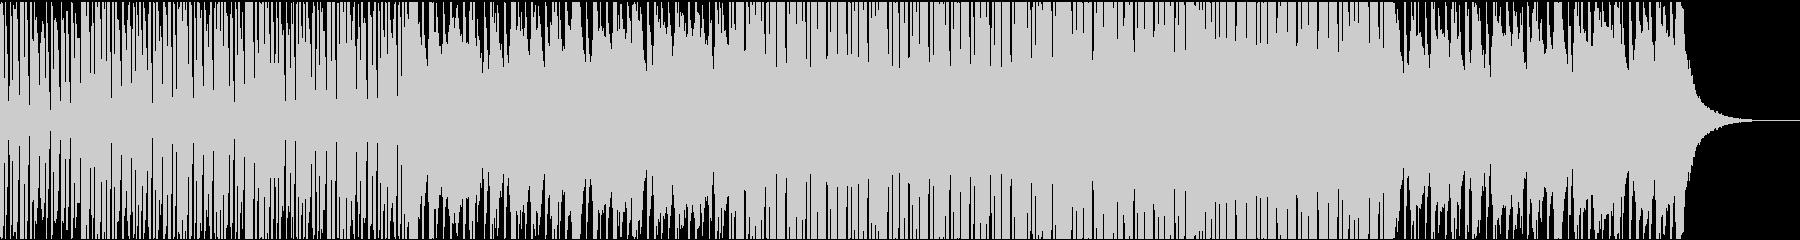 ピアノやシンセで魅せる軽やかなインストの未再生の波形